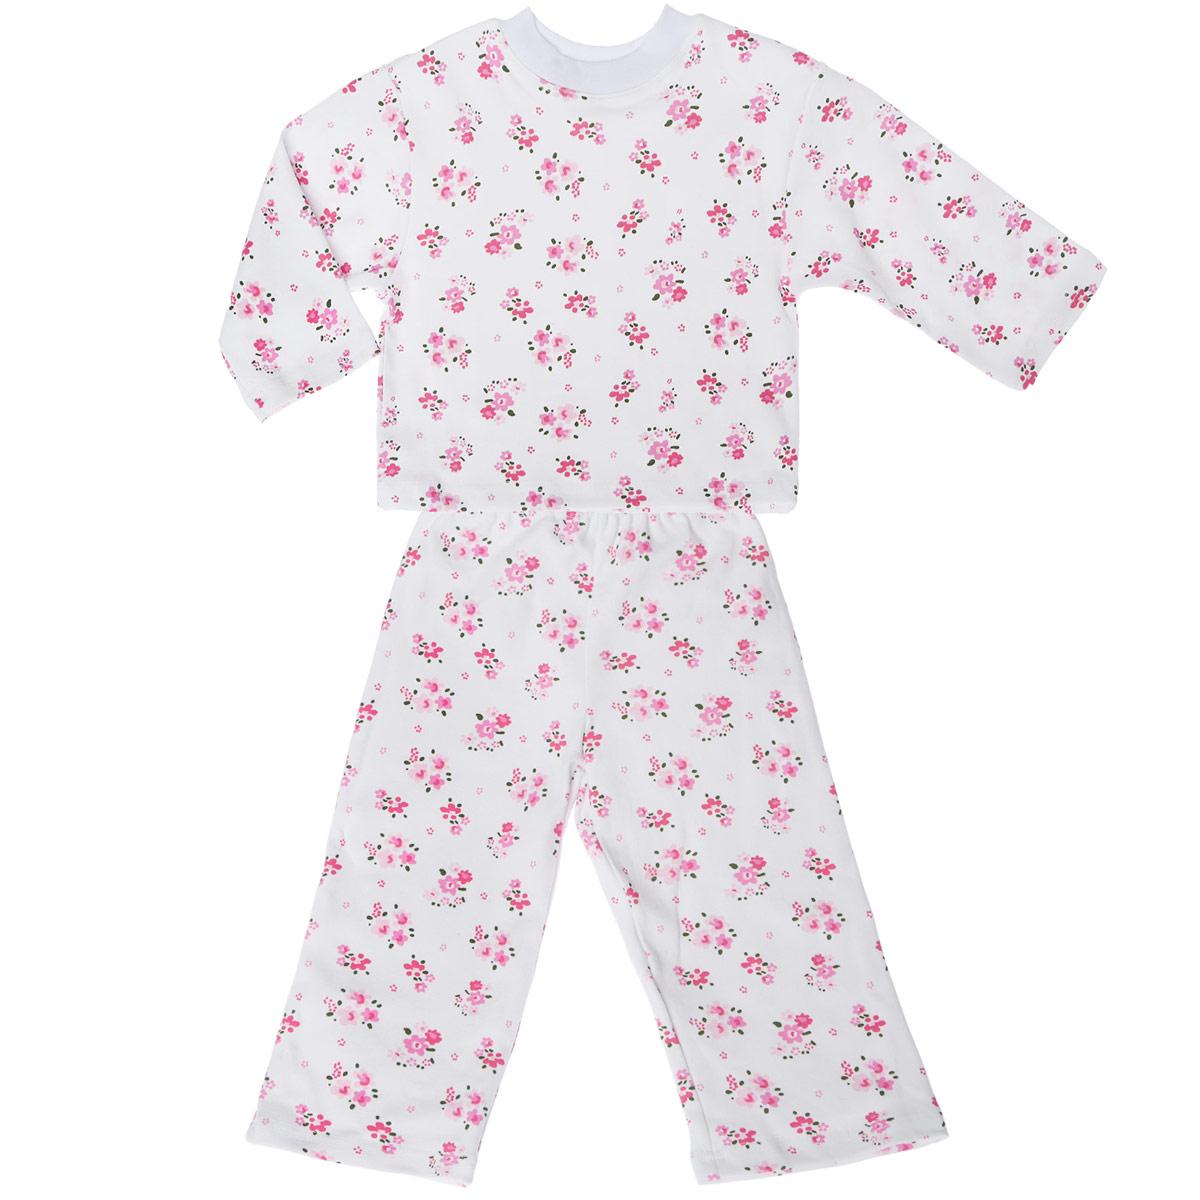 Пижама для девочки Трон-плюс, цвет: белый, розовый. 5584_цветы. Размер 134/140, 9-12 лет5584_цветыУютная пижама для девочки Трон-плюс, состоящая из джемпера и брюк, идеально подойдет вашей дочурке и станет отличным дополнением к детскому гардеробу. Изготовленная из натурального хлопка, она необычайно мягкая и легкая, не сковывает движения, позволяет коже дышать и не раздражает даже самую нежную и чувствительную кожу ребенка. Джемпер с длинными рукавами и круглым вырезом горловины оформлен ненавязчивым цветочным принтом. Вырез горловины дополнен трикотажной эластичной резинкой.Брюки на талии имеют эластичную резинку, благодаря чему не сдавливают живот ребенка и не сползают. Оформлены брючки также ненавязчивым цветочным принтом. В такой пижаме ваш ребенок будет чувствовать себя комфортно и уютно во время сна.